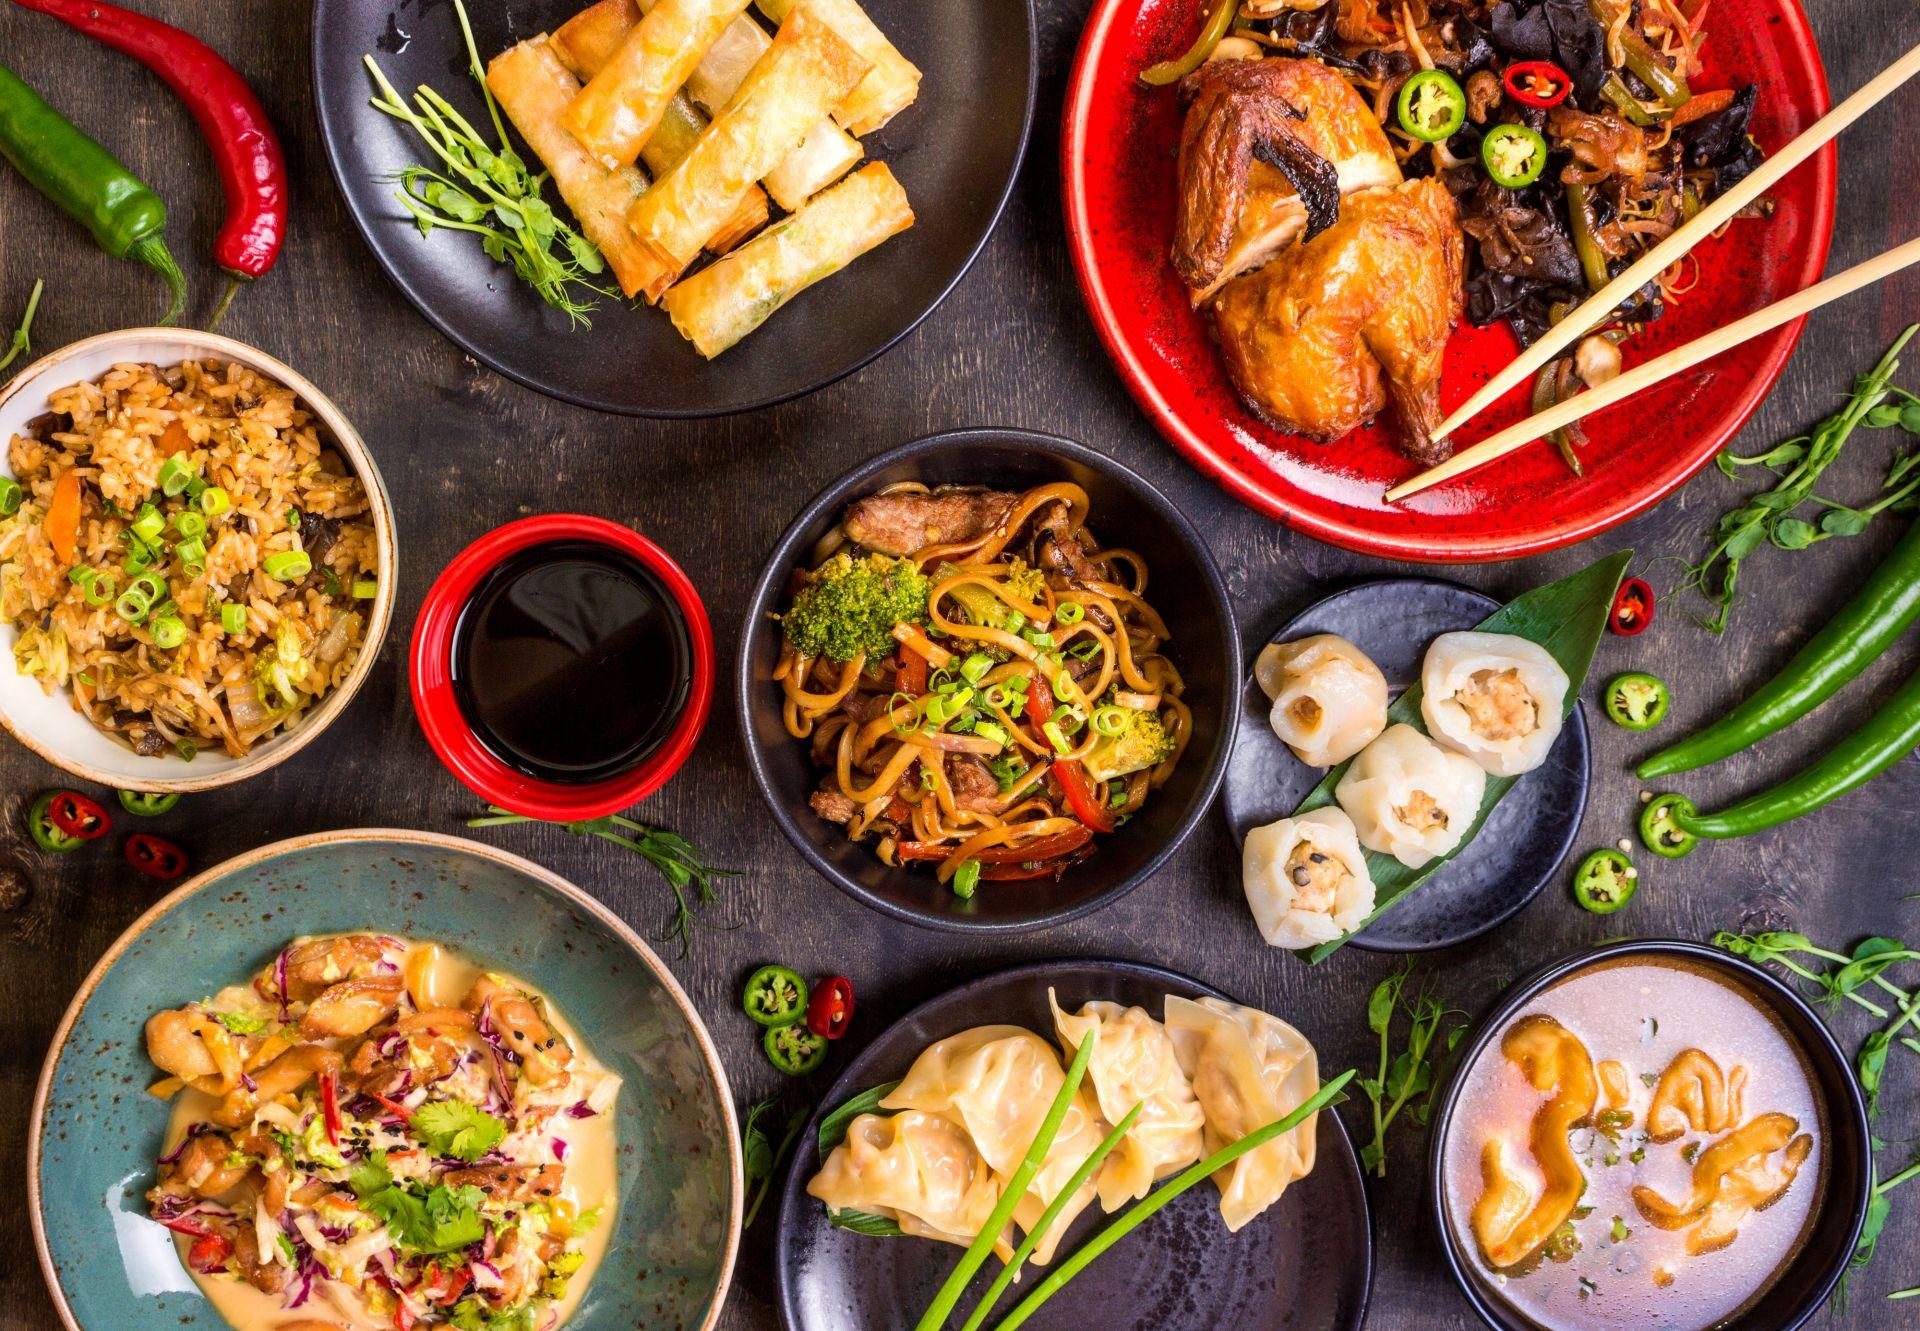 Serdecznie zapraszamy do poznania specjałów kuchni wietnamskiej